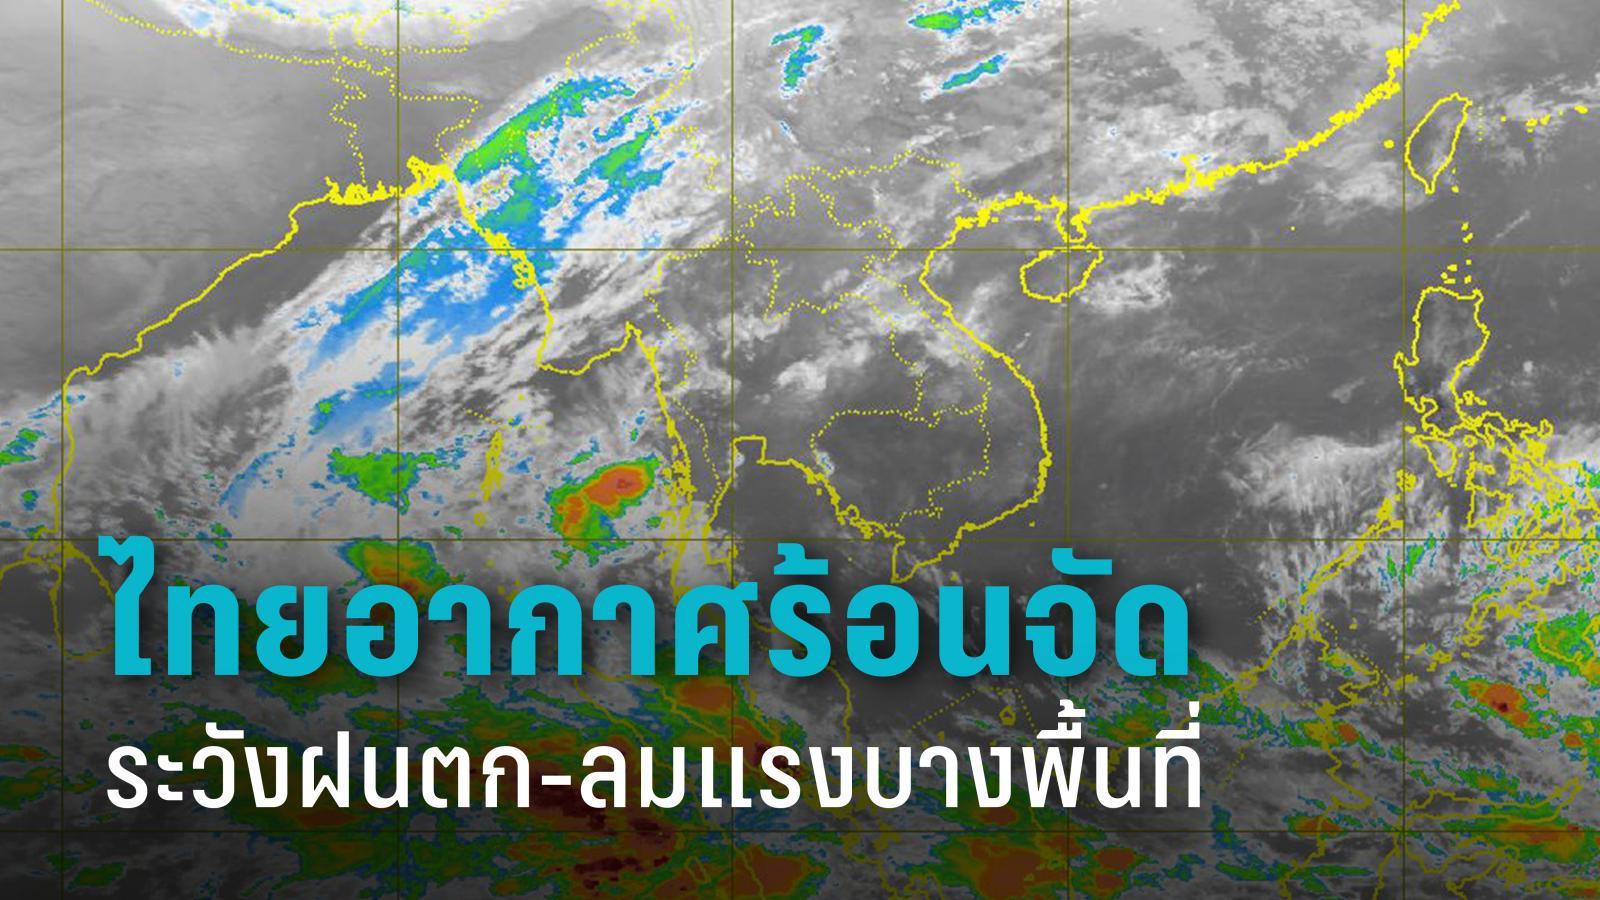 กรมอุตุฯ เตือน ไทยอากาศร้อนจัด ระวังฝนตก - ลมแรง 22 จังหวัด